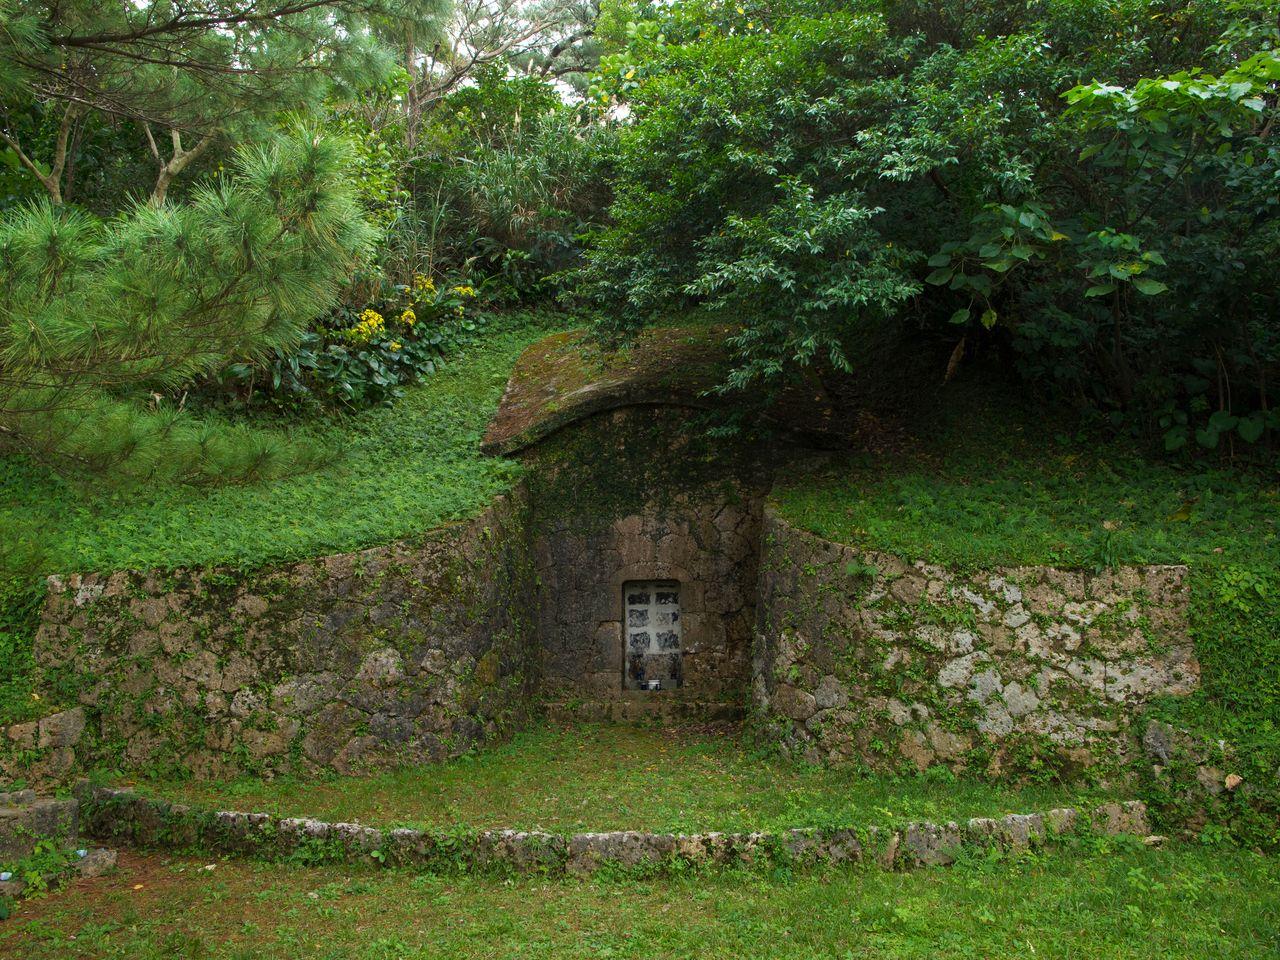 Могила Тамагусуку Тёкун, сложенная из шестиугольных каменных плит, похожа на панцирь черепахи